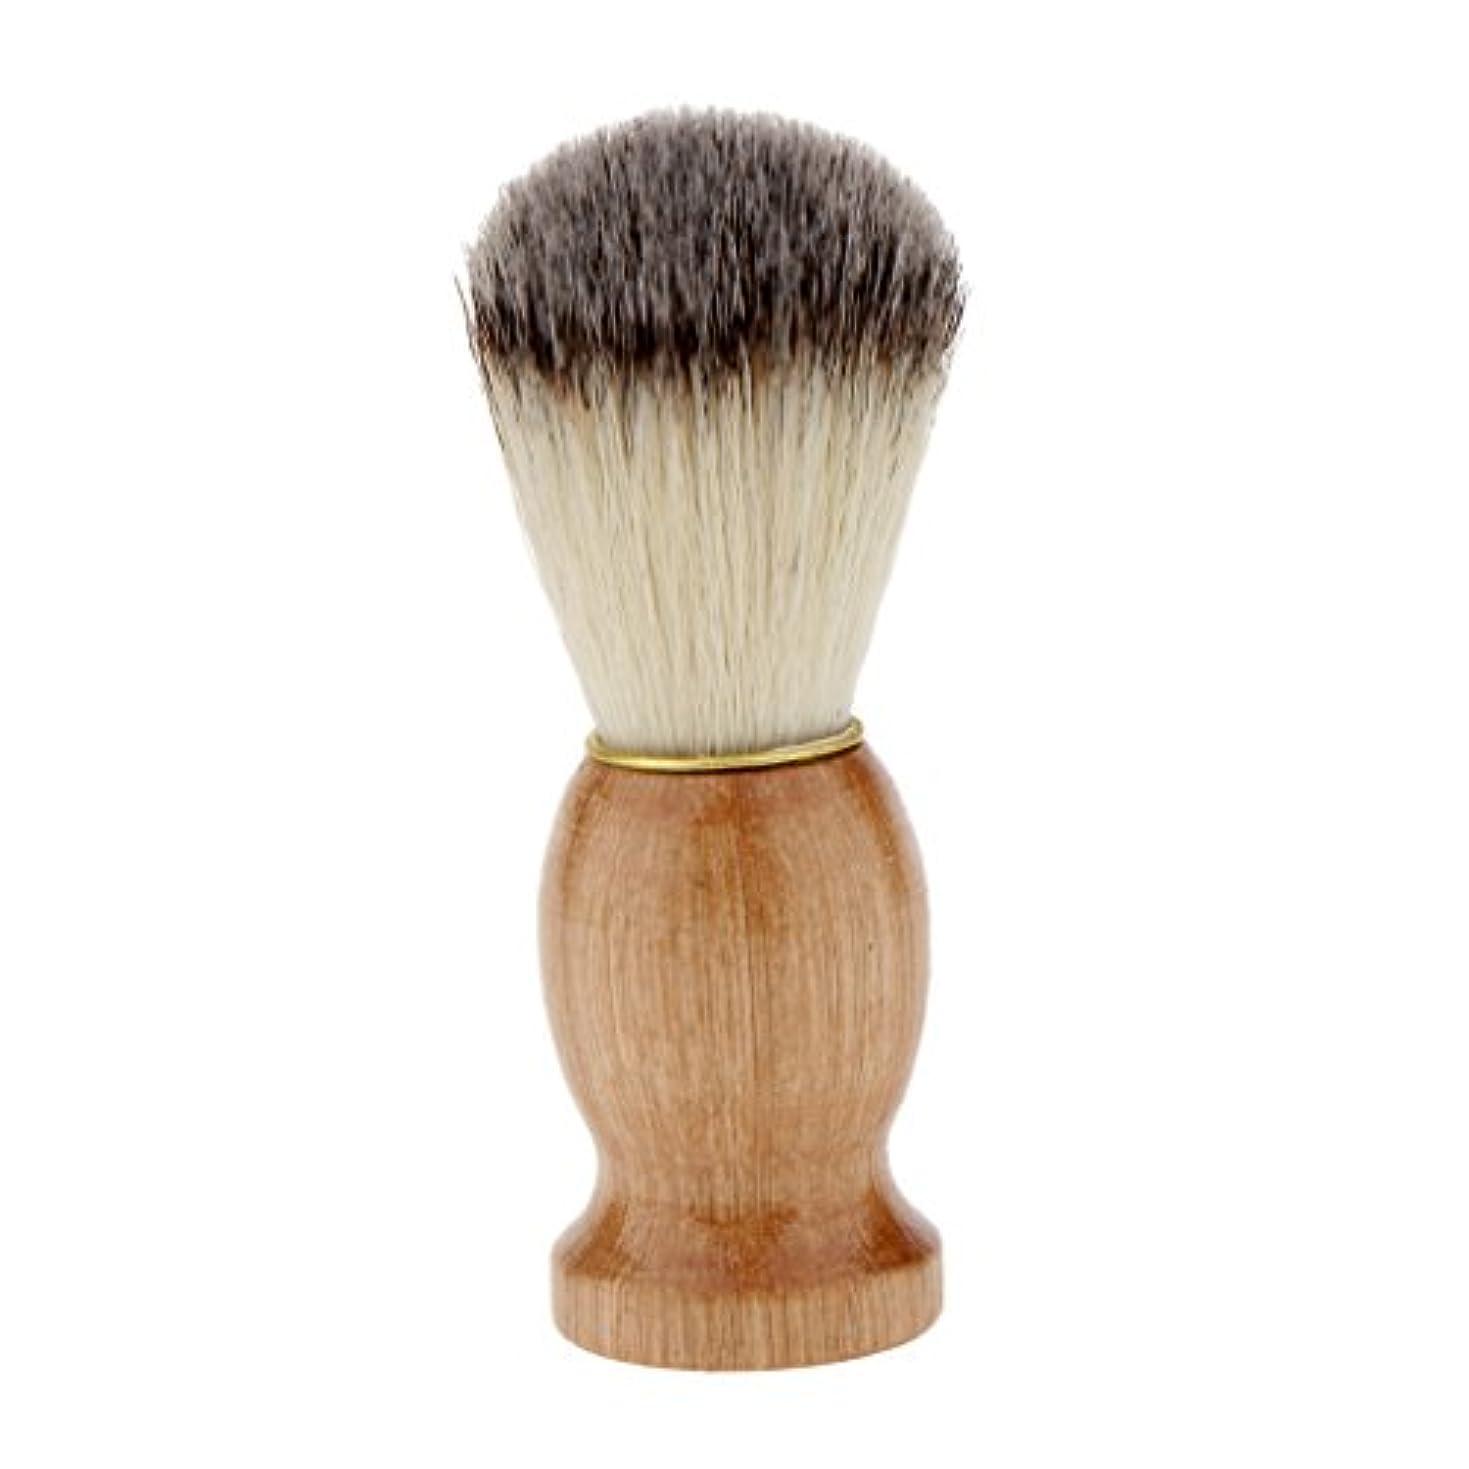 簡単に富豪原点男性ギフト剃毛シェービングブラシプロ理髪店サロン剛毛ブラシウッドハンドルダストクリーニングツール